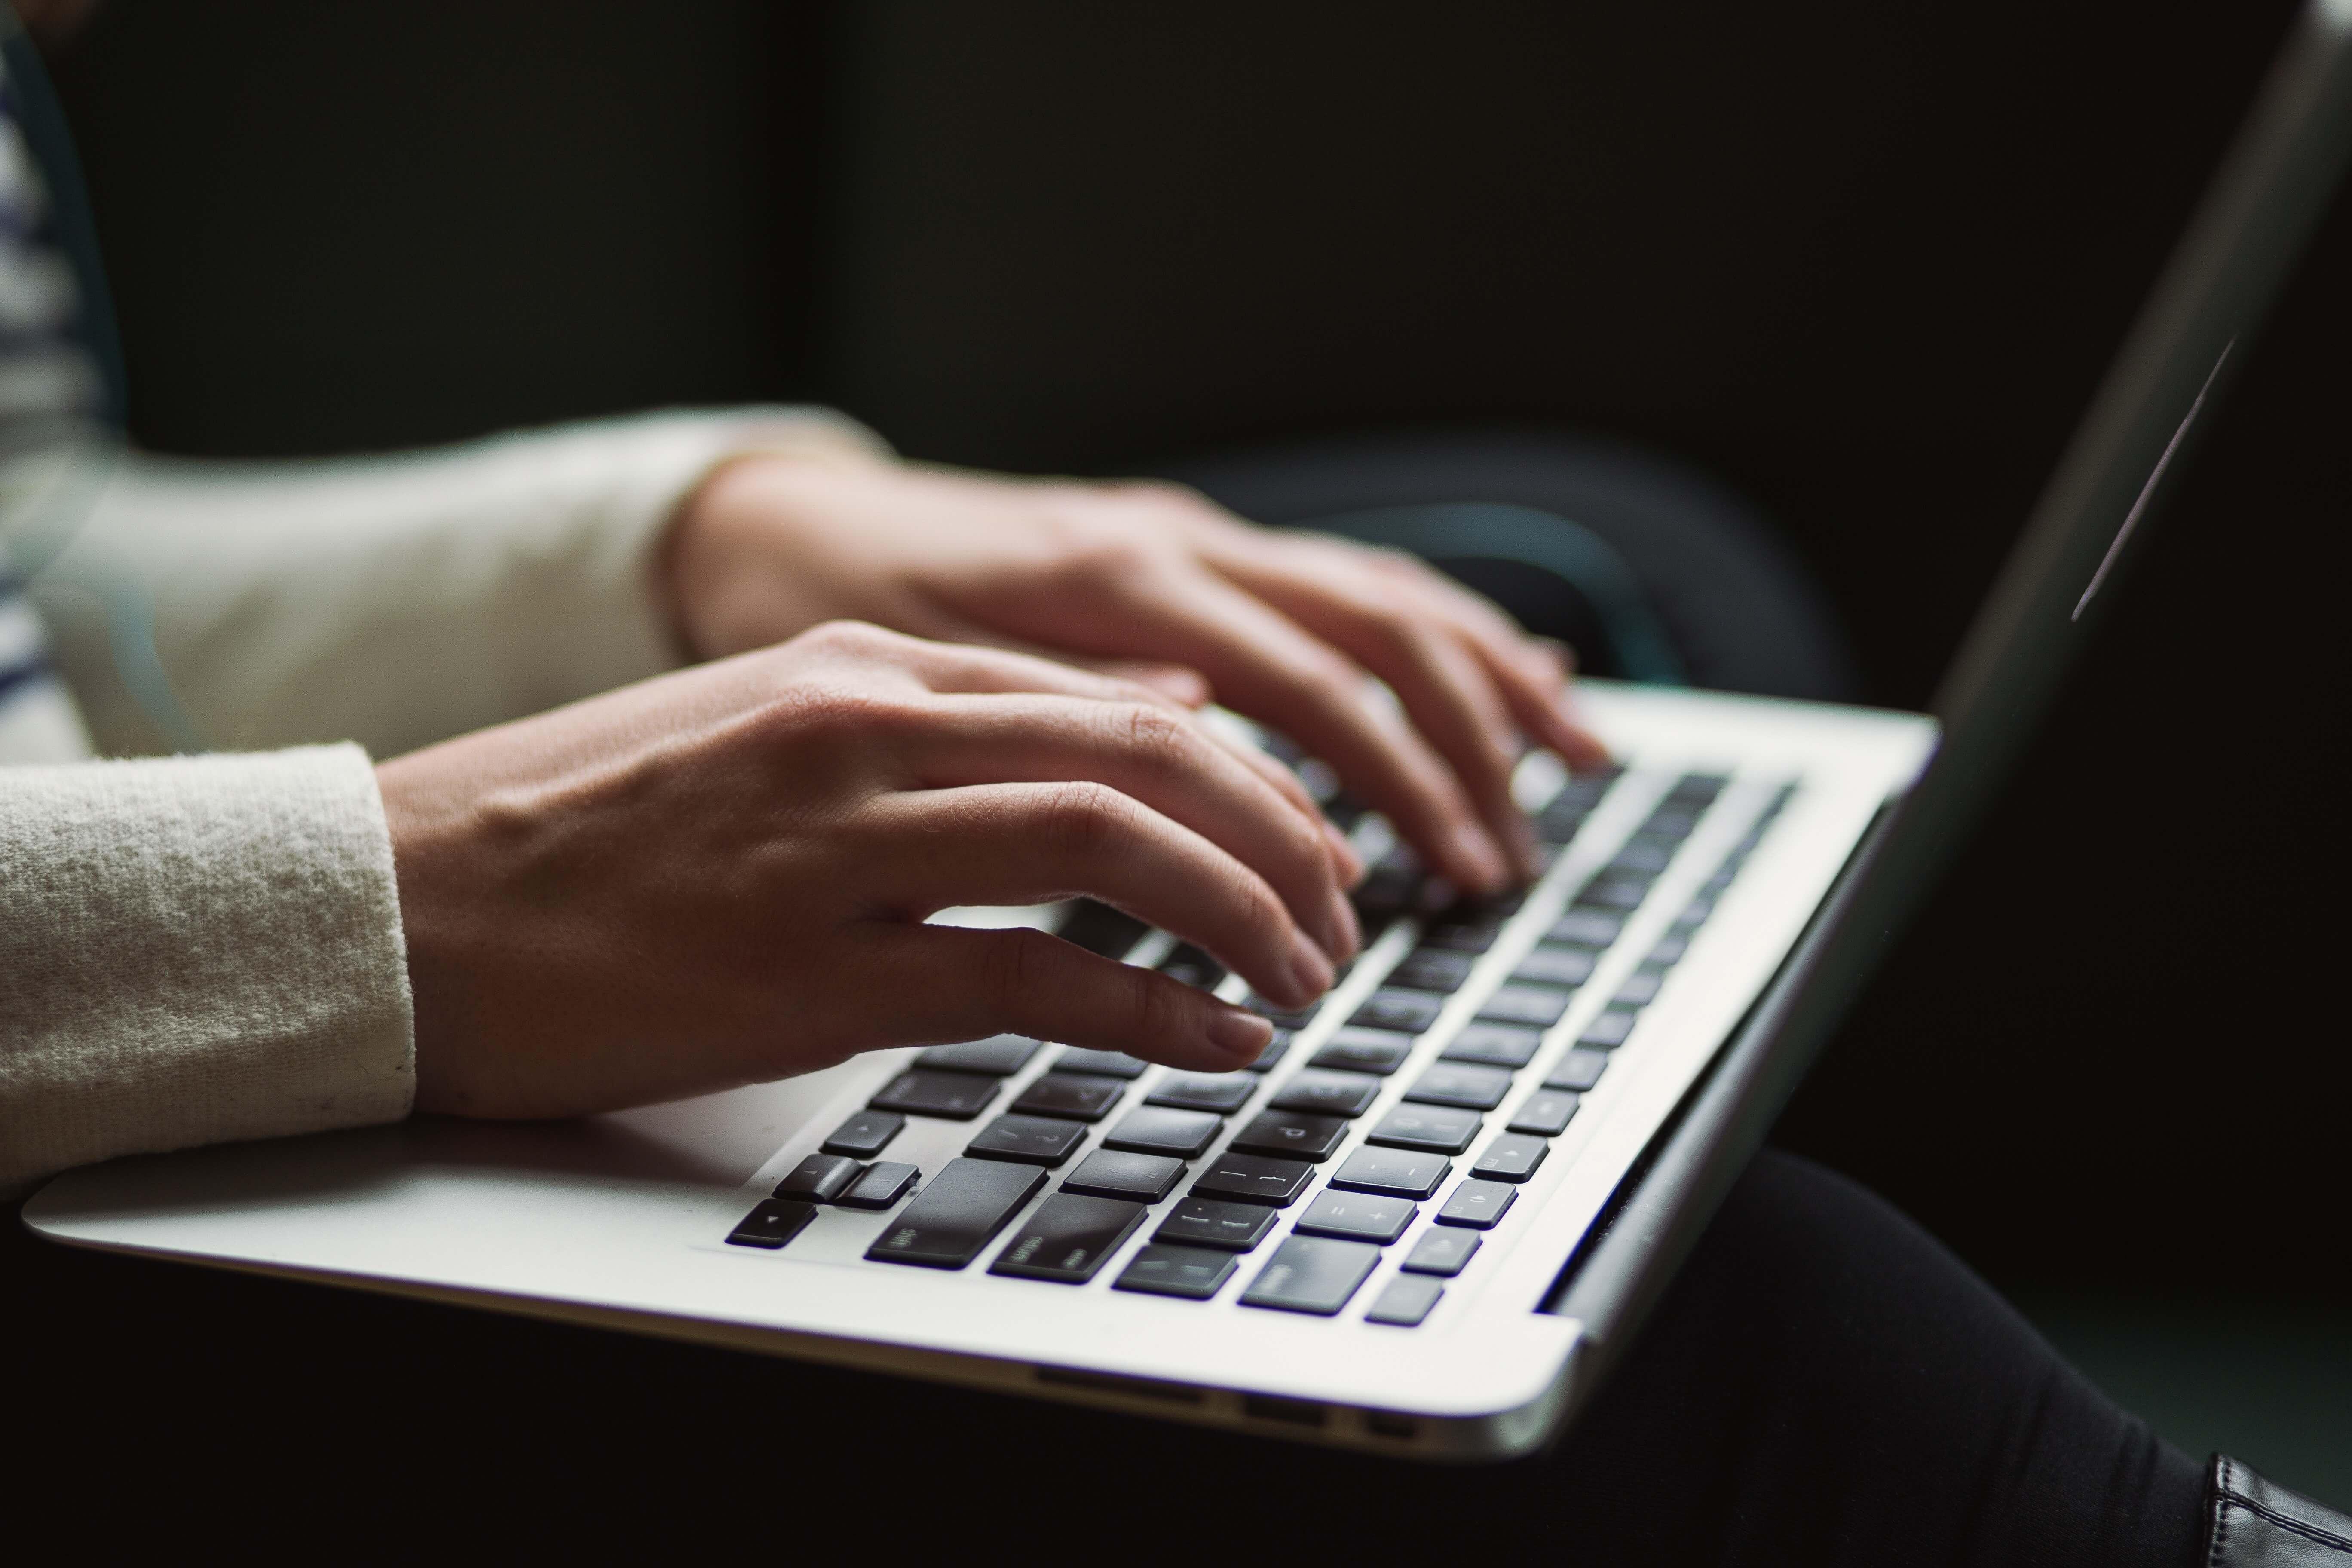 Marketing de Artículos: ¿a quién vender lo que escribes? ¿cómo lograr artículos exitosos?